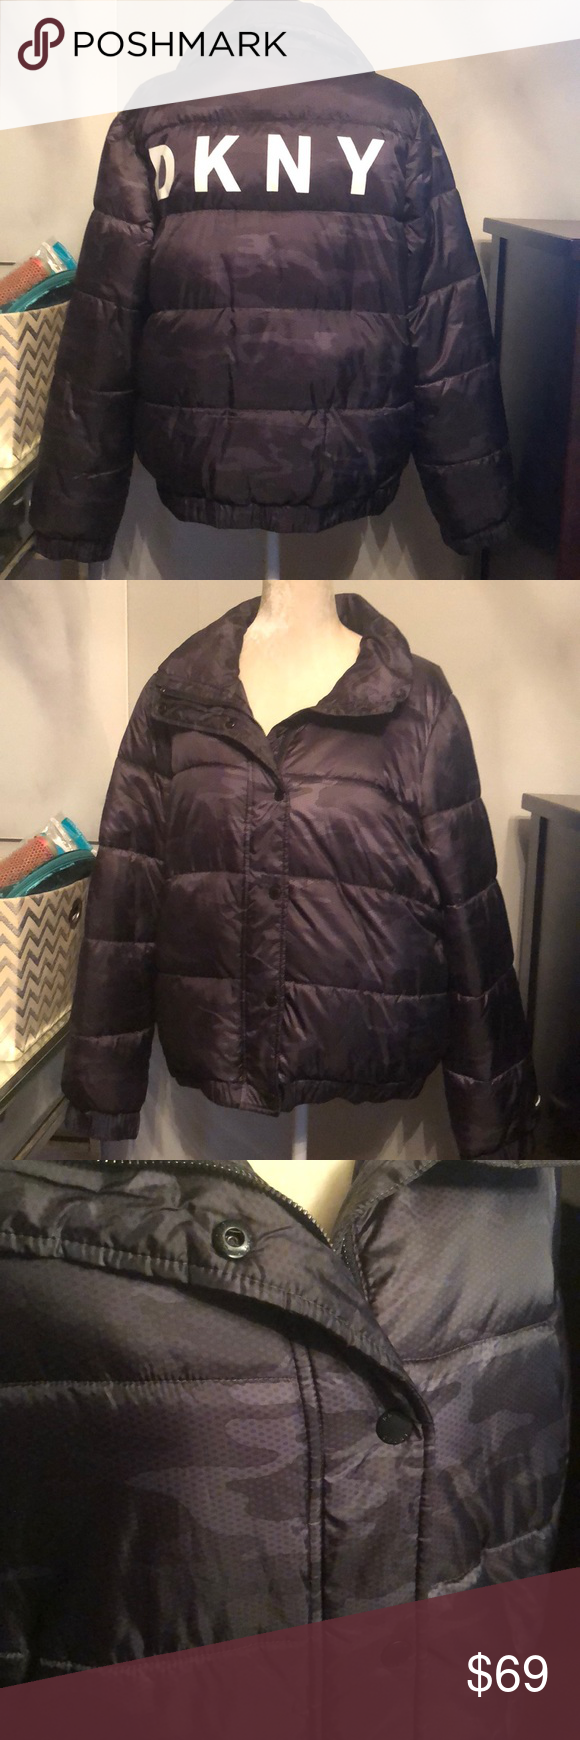 Dkny Sport Camo Puffer Coat Puffer Coat Dkny Clothes Design [ 1740 x 580 Pixel ]